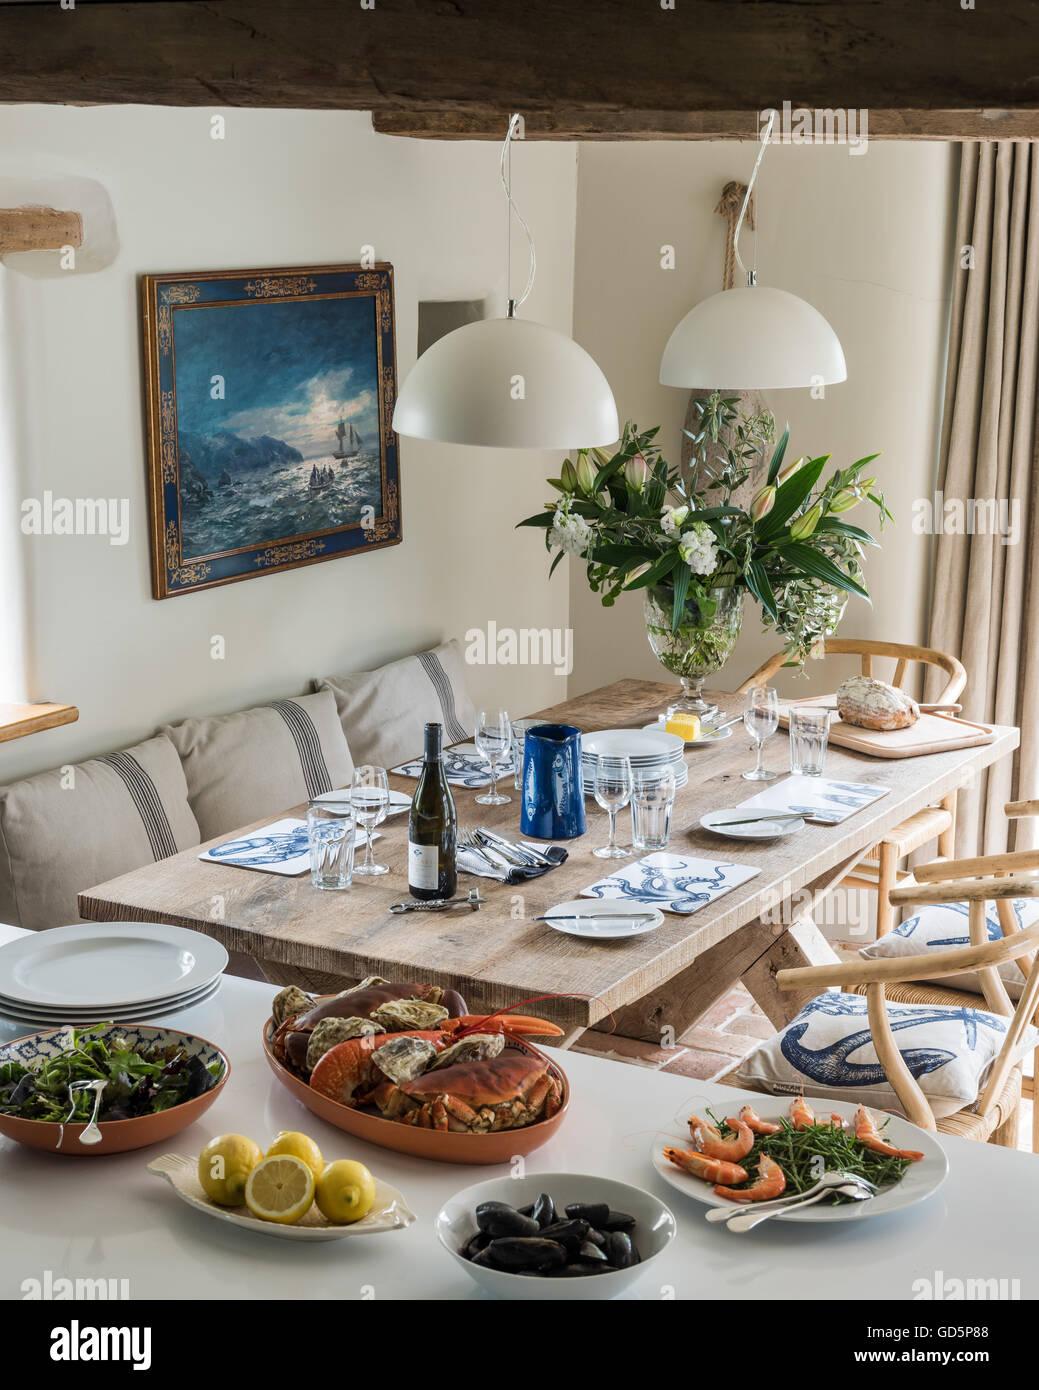 Fisch-fest auf der Arbeitsplatte von gedeckten Esstisch gelegt Stockbild